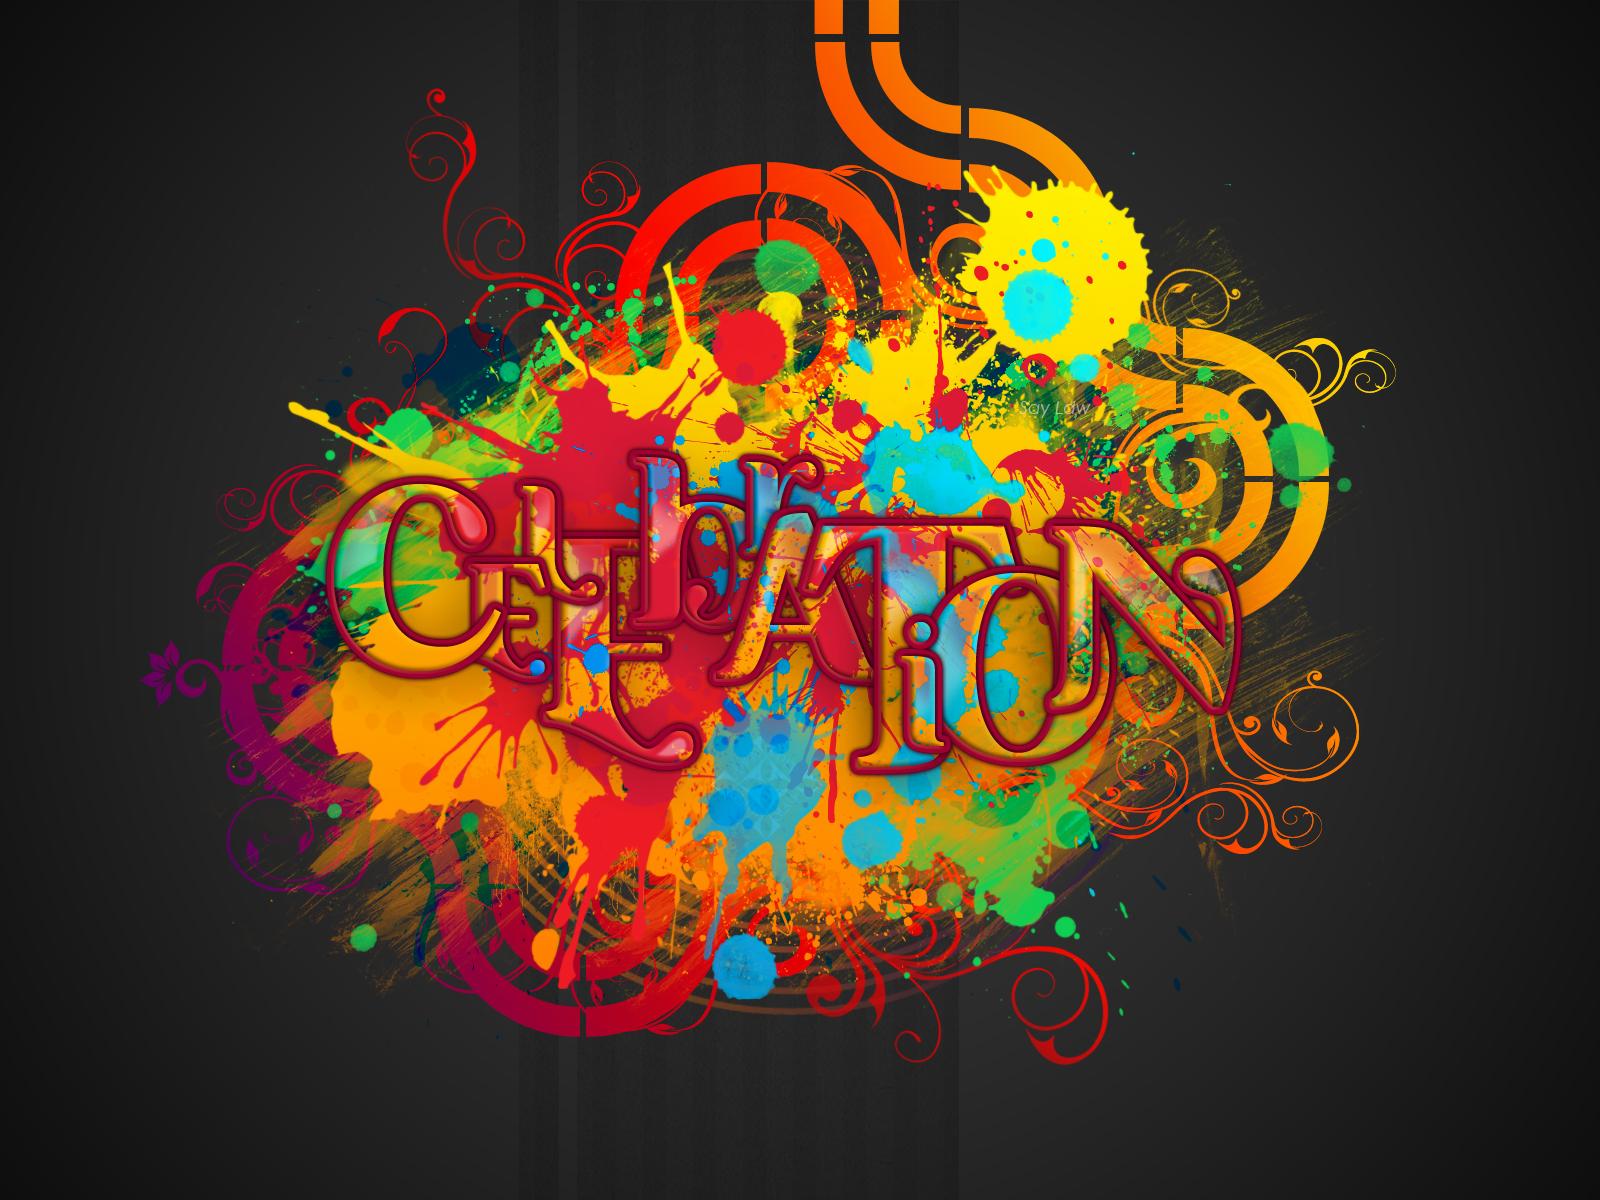 http://4.bp.blogspot.com/-5eXPdGGzzsw/Tvhvc68DA5I/AAAAAAAAAGg/xt_ZG5Q2HBM/s1600/Celebration_by_xLackadaisicalx.jpg